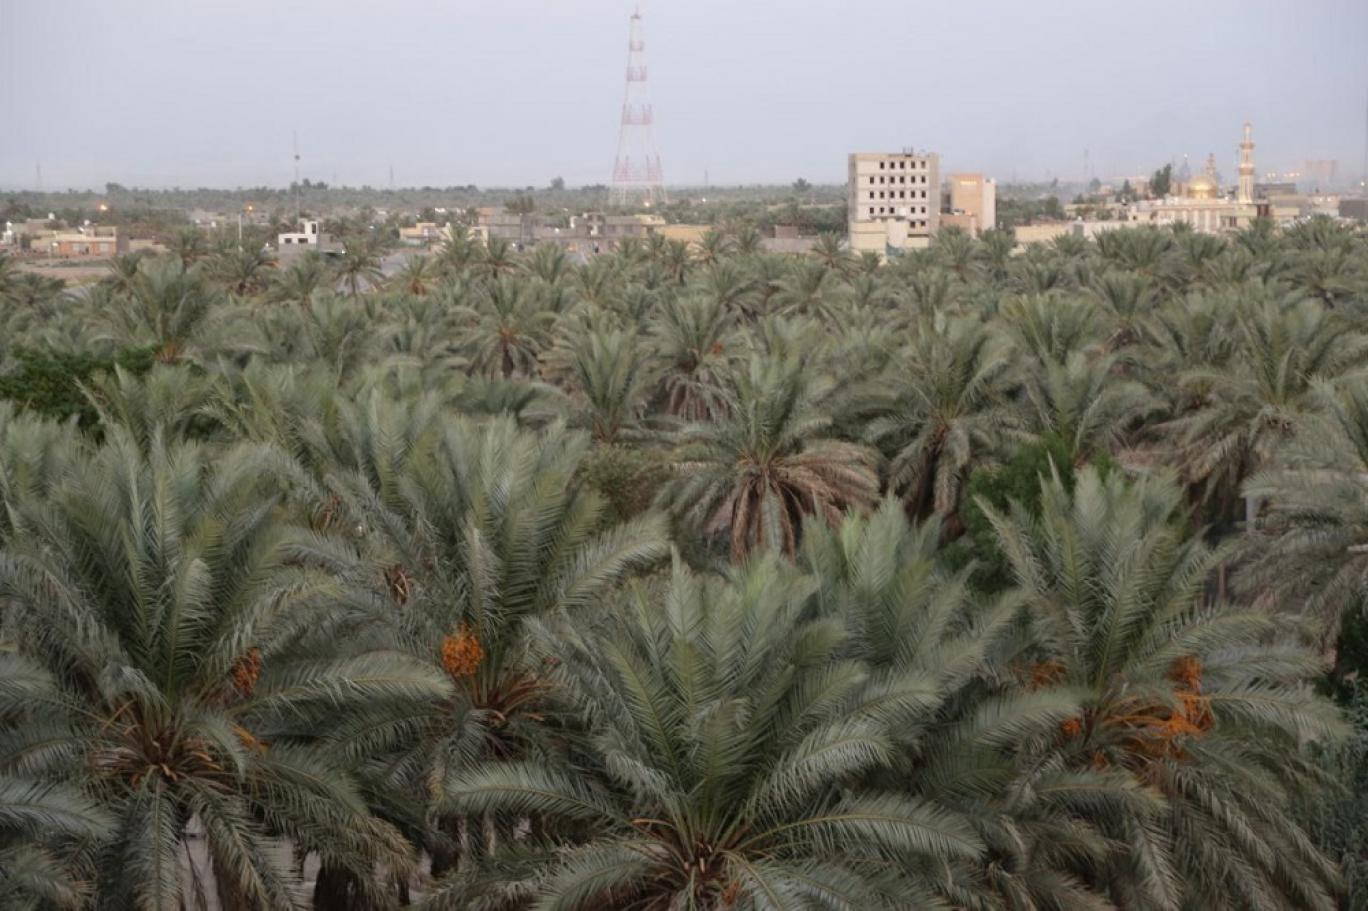 اشتهرت العراق بغابات النخيل التي تقلص عددها في الآونة الأخيرة مع توسع المدن (اندبندنت عربية)